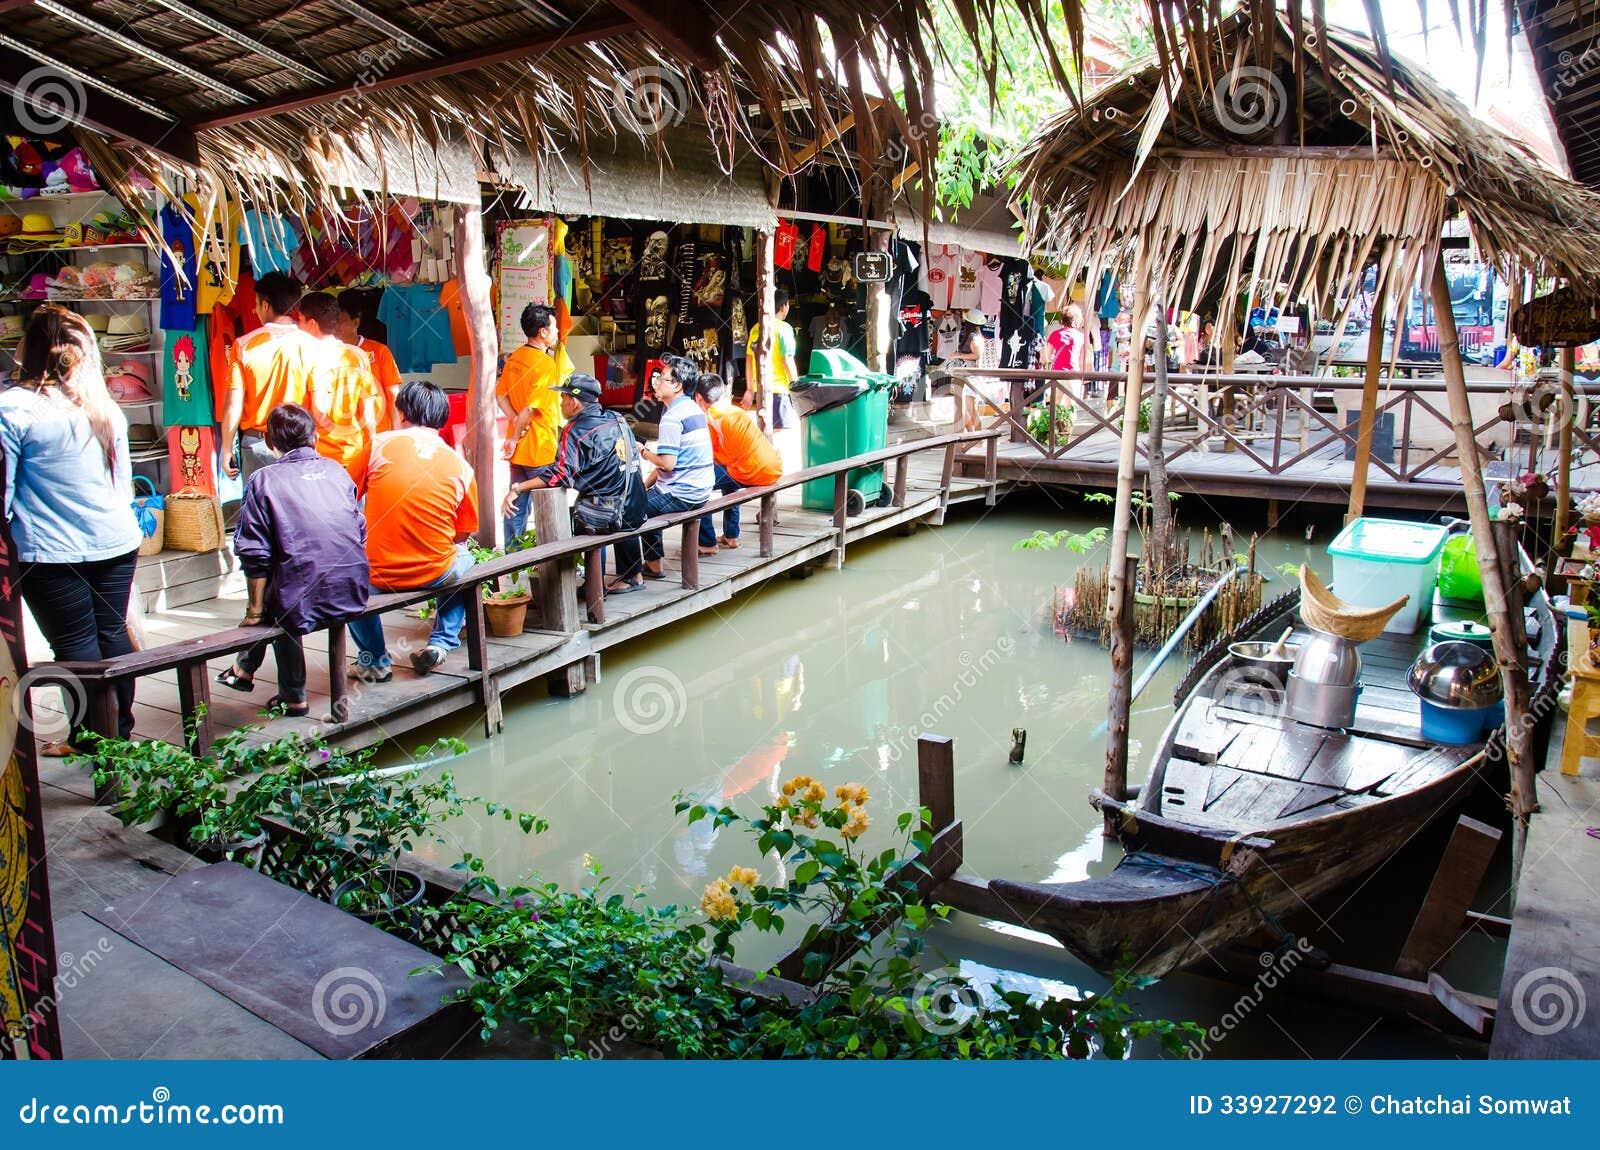 Ayothaya floating market editorial photography image for Ayutthaya thai cuisine